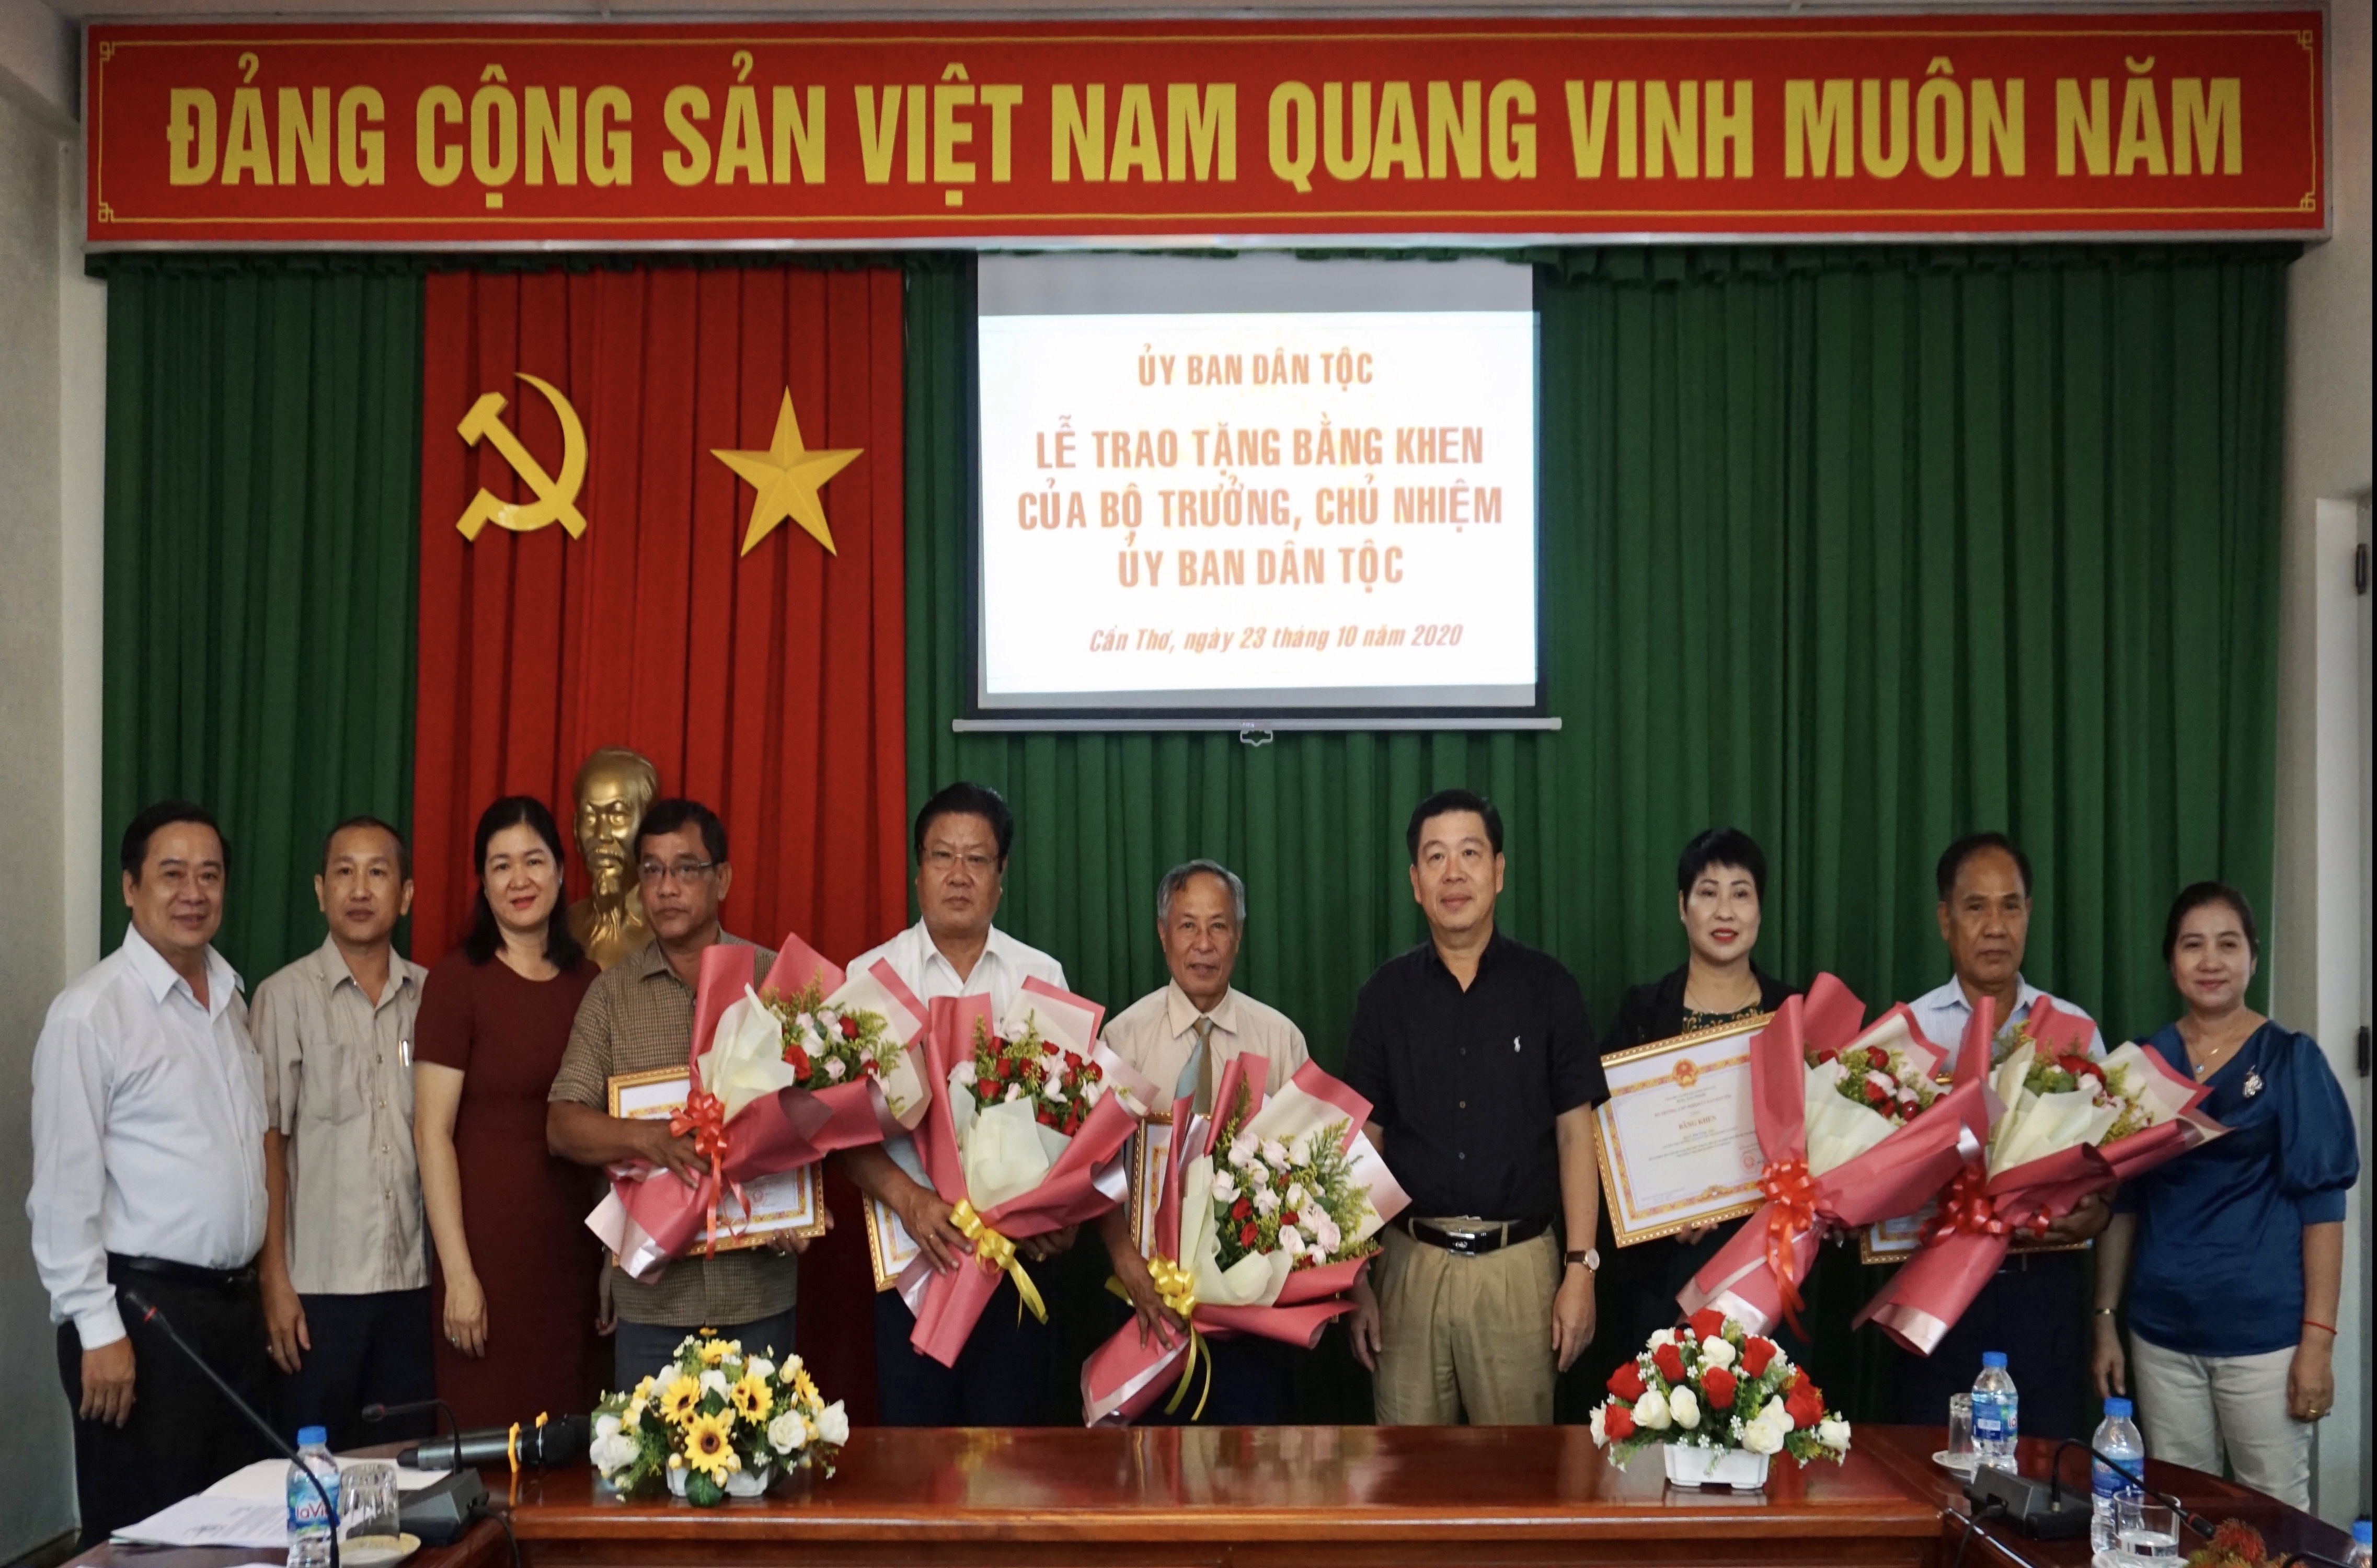 Thứ trưởng, Phó Chủ nhiệm UBDT Lê Sơn Hải chụp ảnh lưu niệm cùng các đại biểu tham dự buổi Lễ